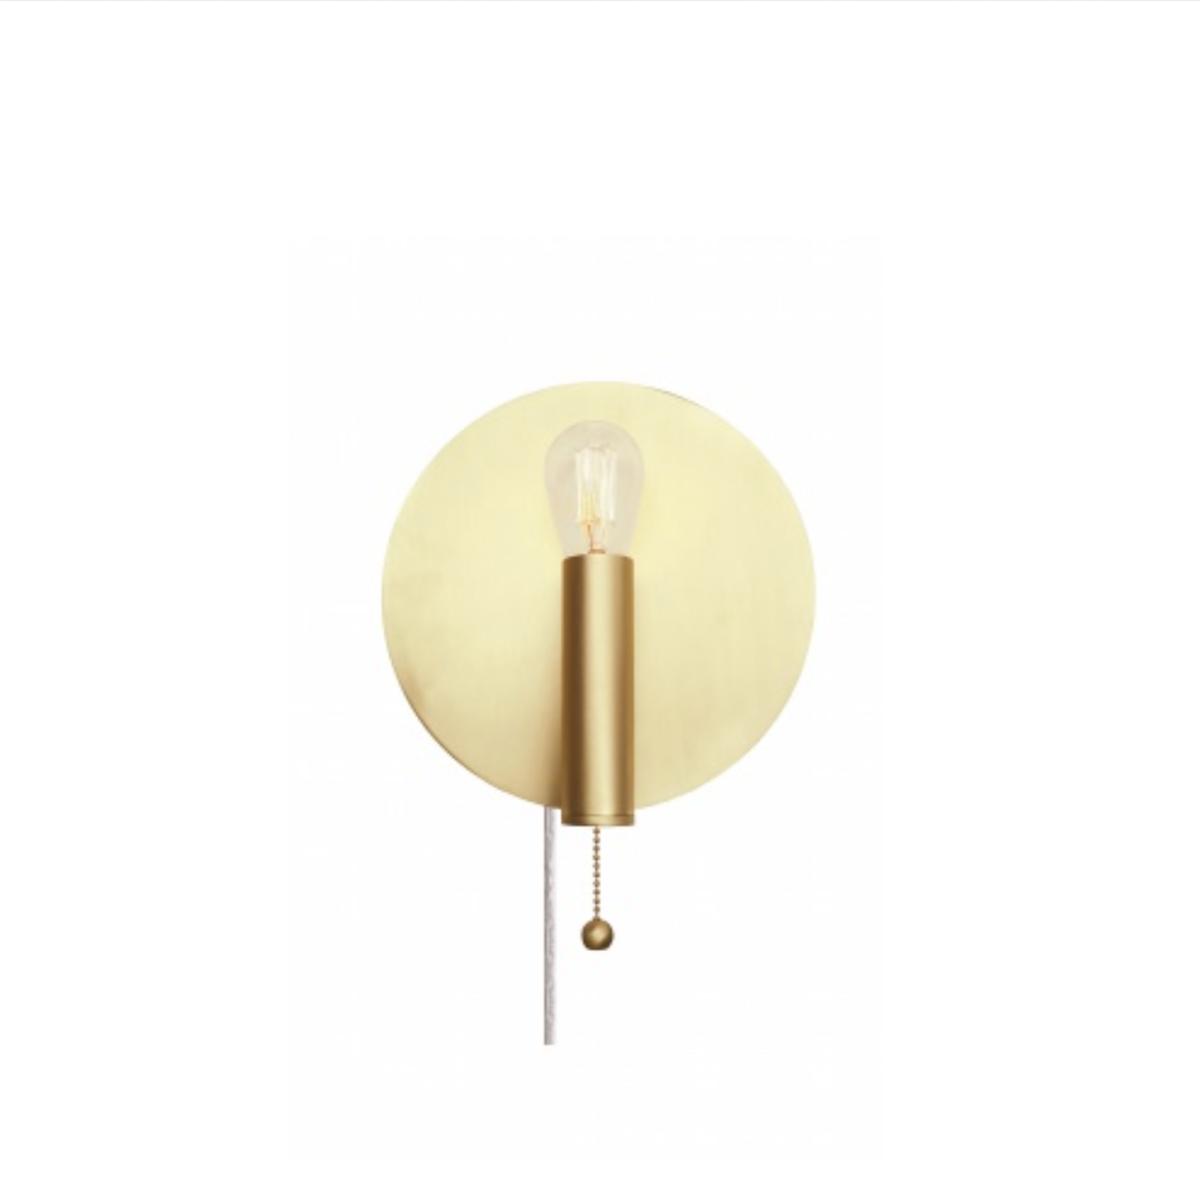 Globen lighting Vegglampe taklampe Art Deco IP Messing